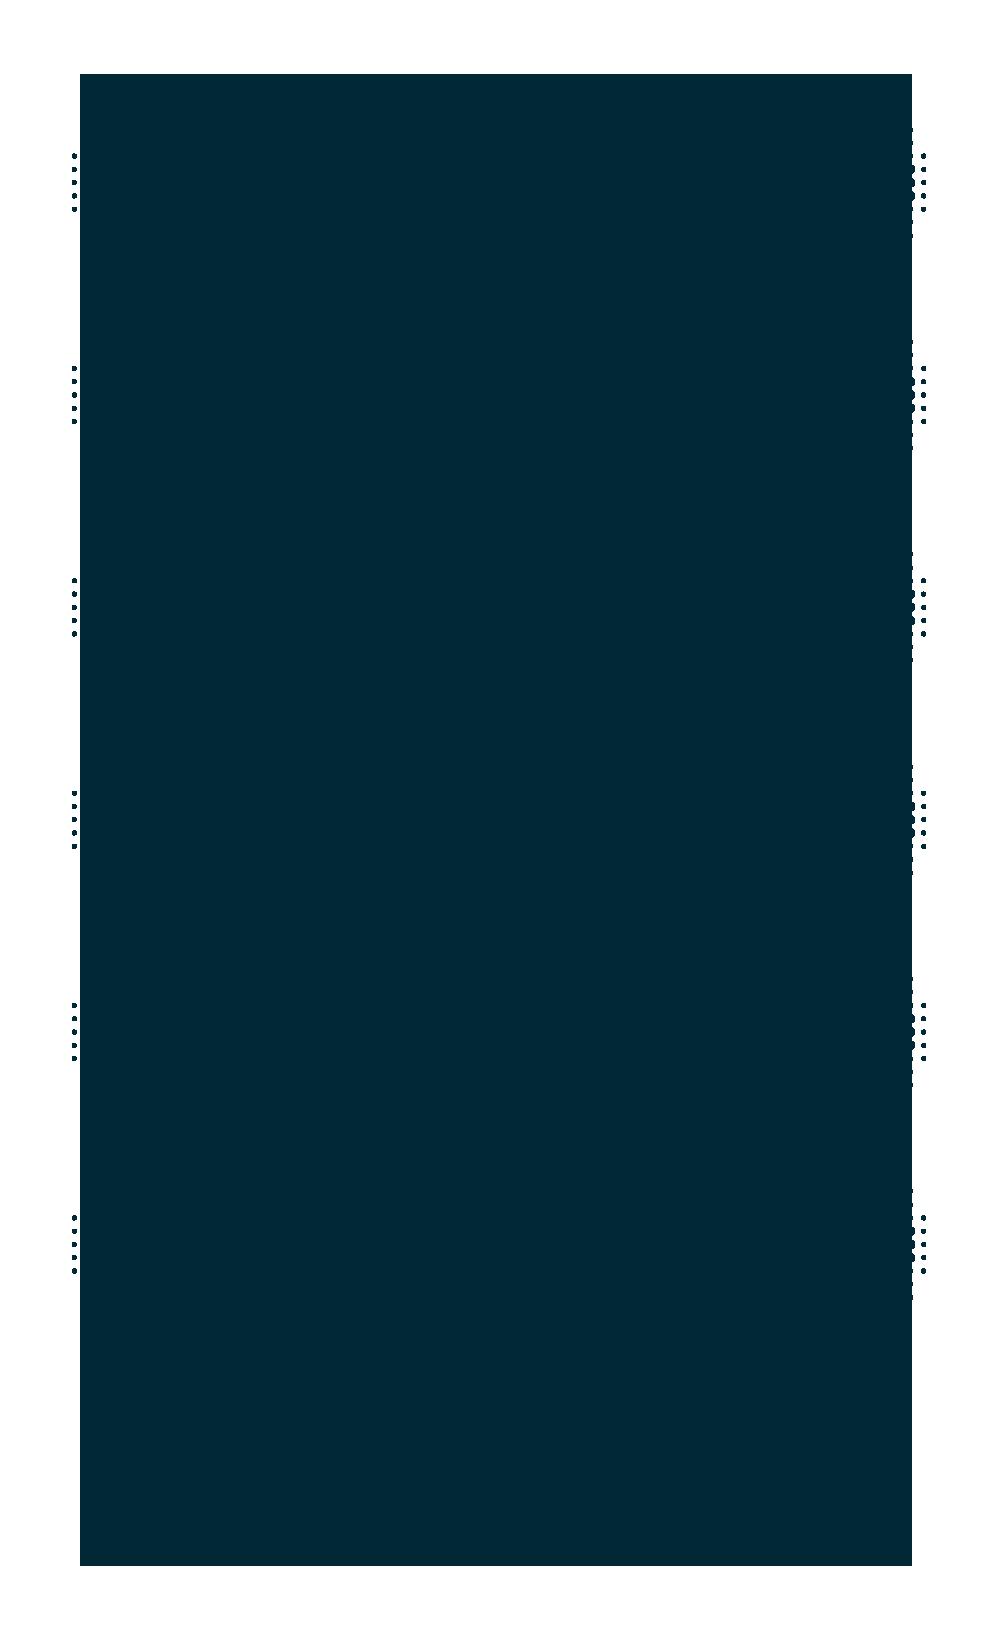 burst_font.png